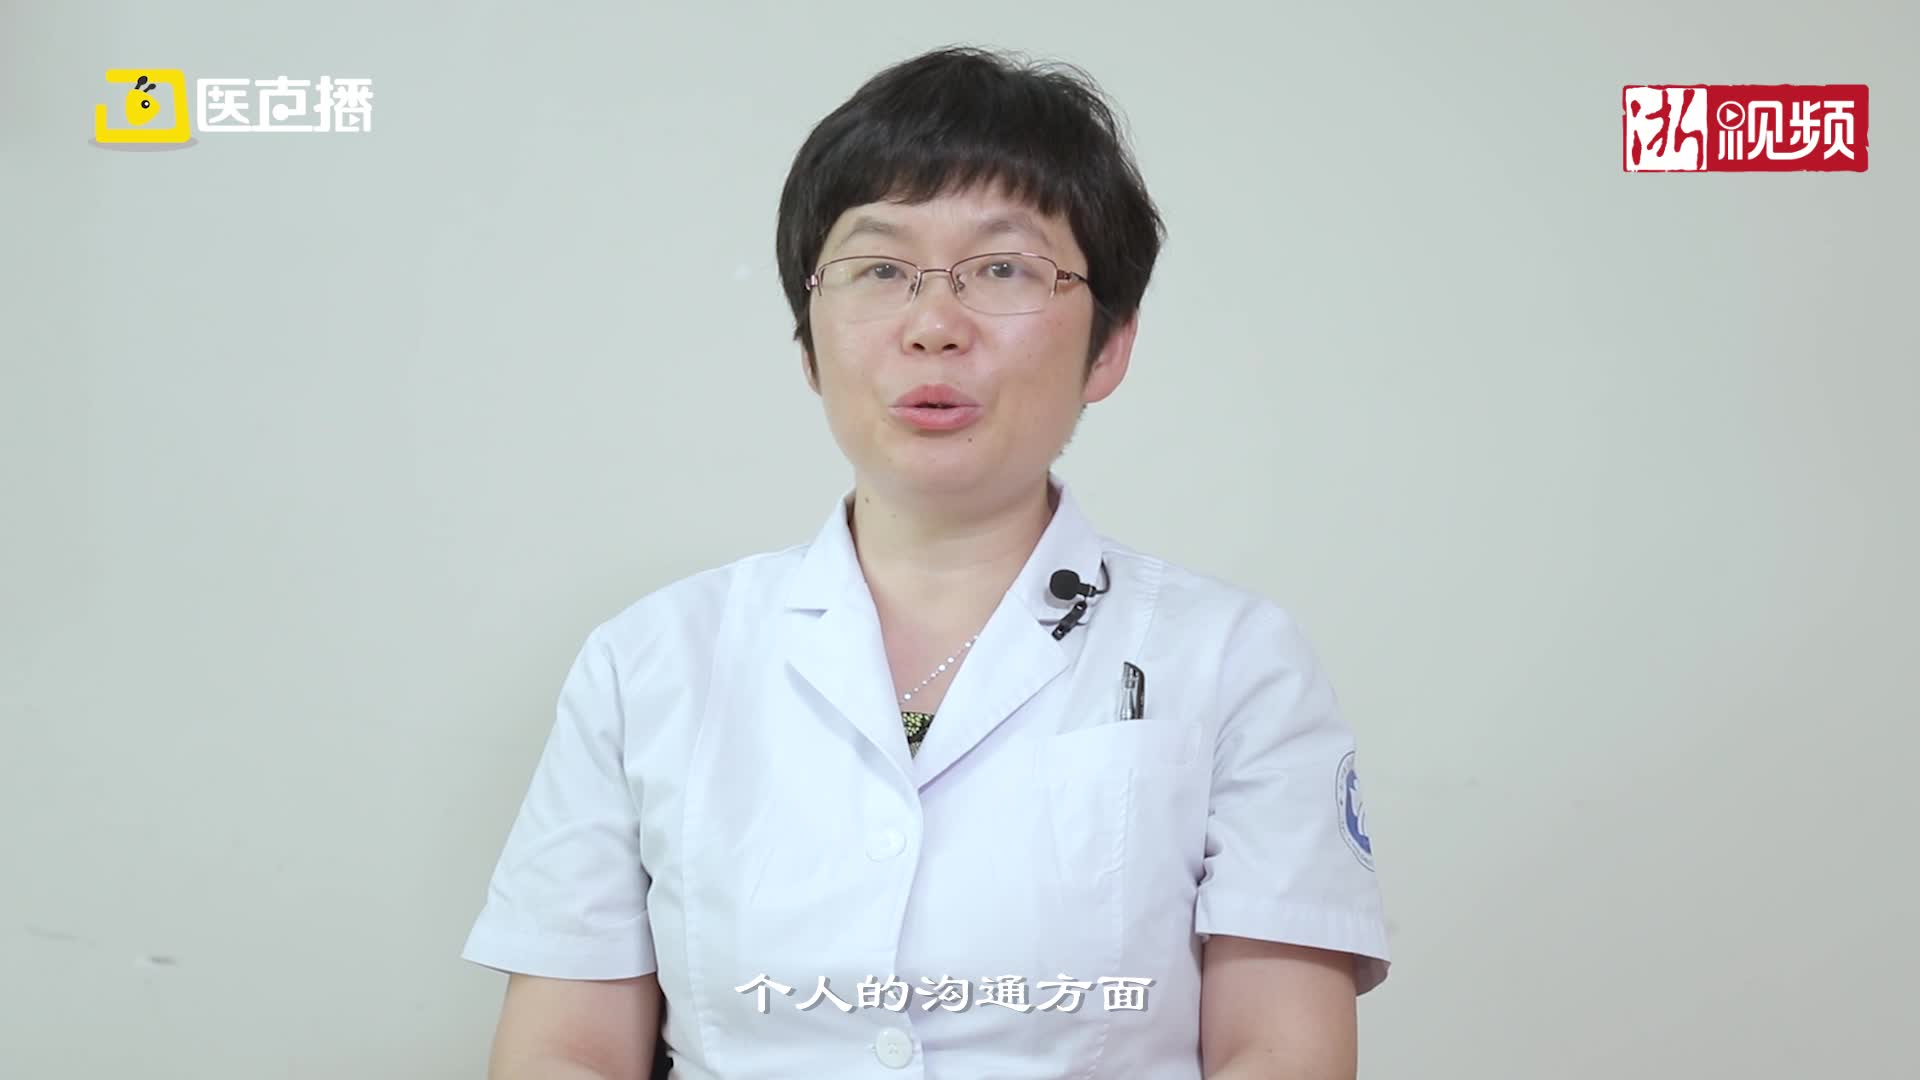 中国医师节:2分58秒 到底能做什么